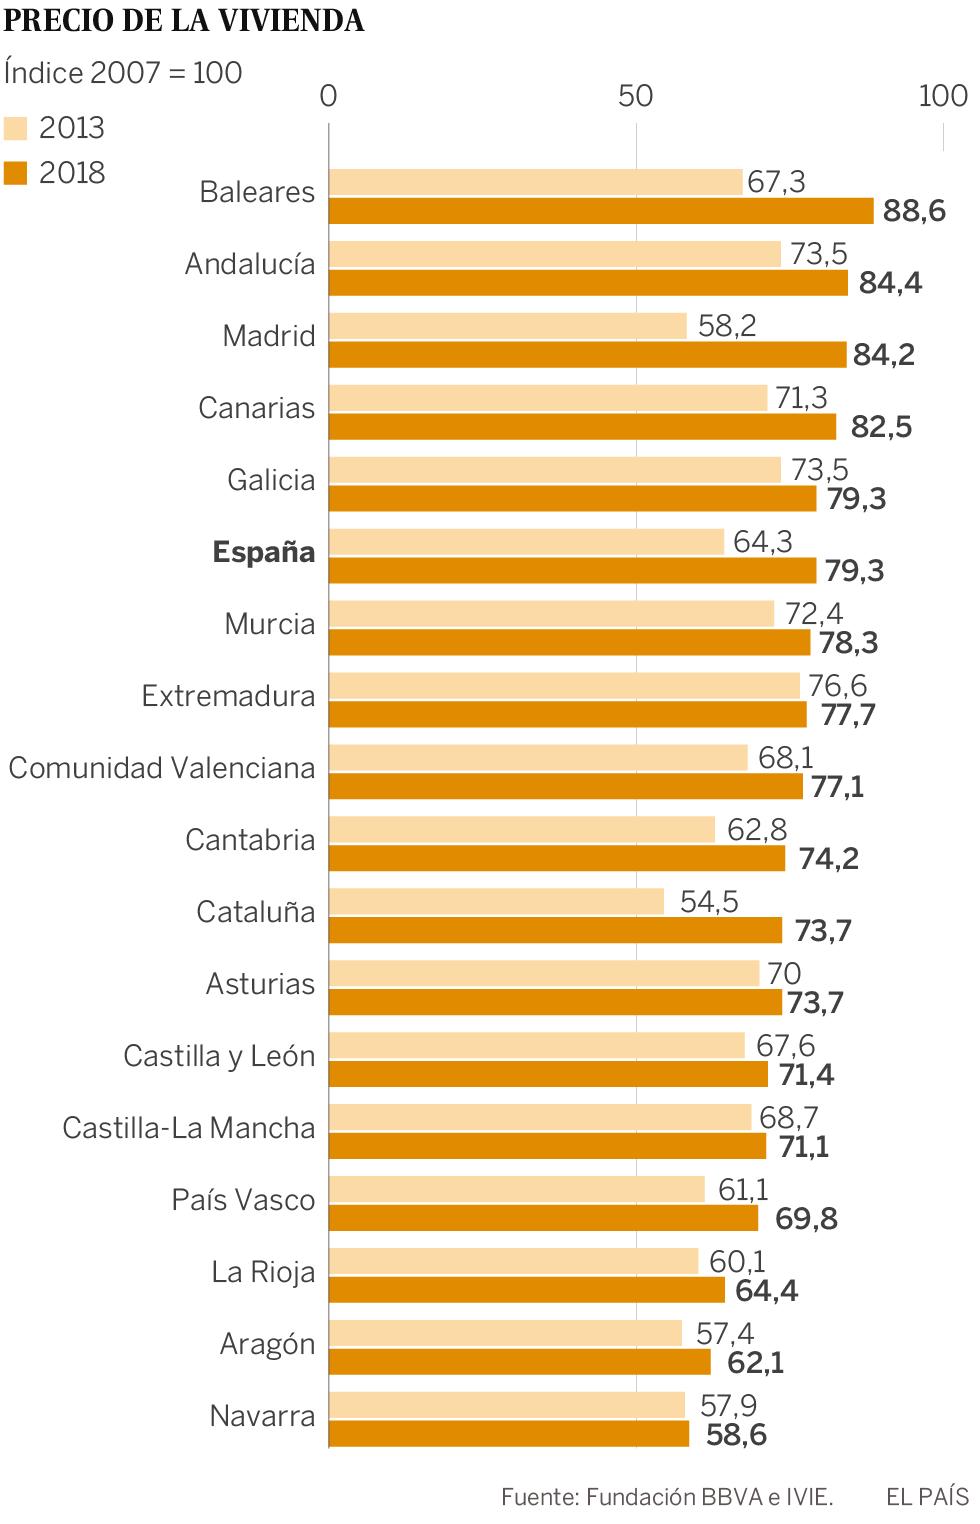 Realidades de la vivienda en el capitalismo español. Luchas contra los desahucios de viviendas. Inversiones y mercado inmobiliario - Página 25 15652510